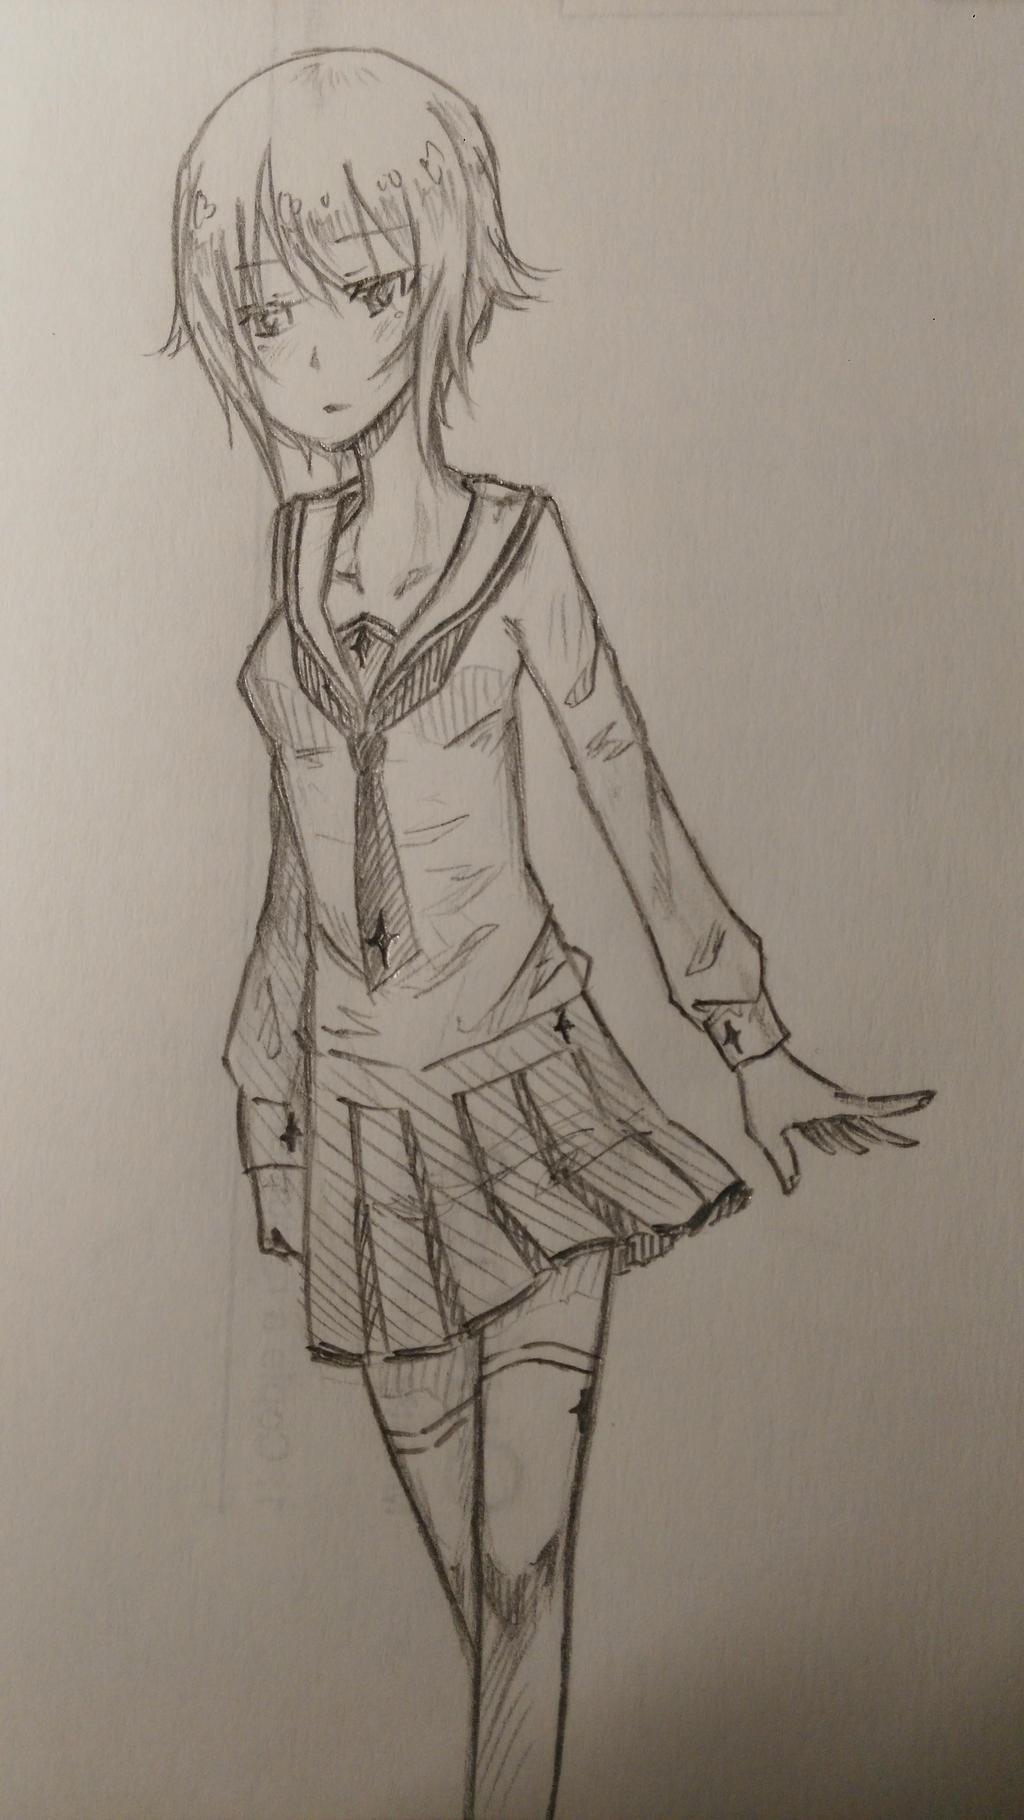 Sailor Uniform by Kamikoroshu